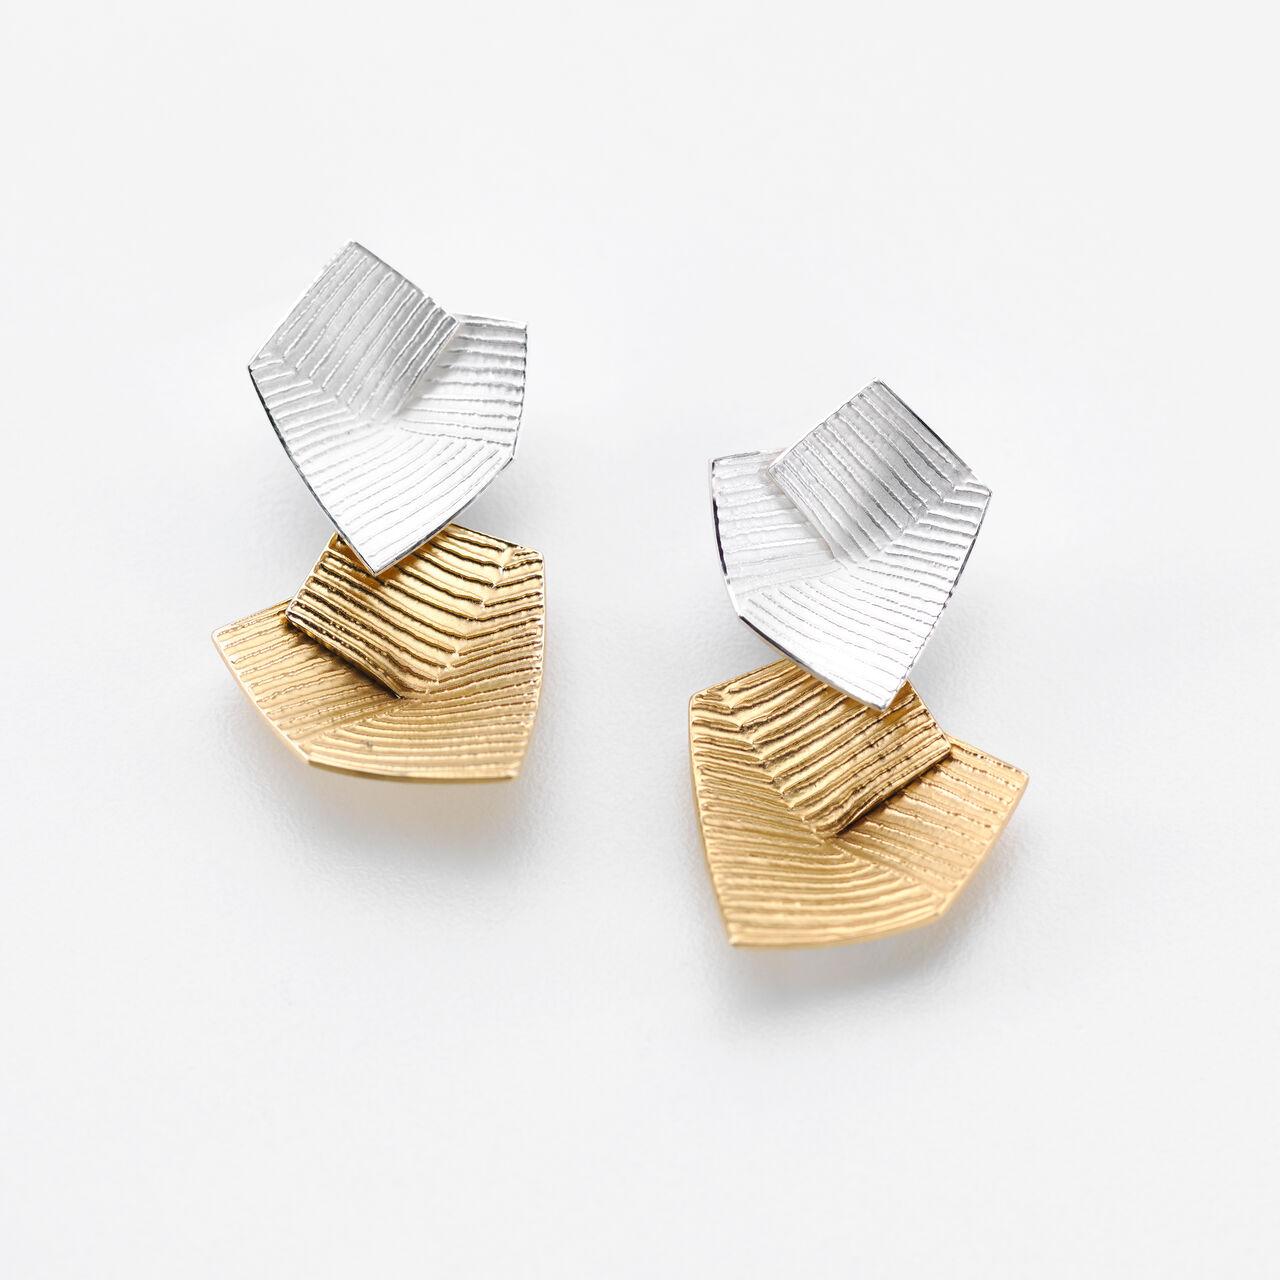 Karolina Baines jewellery